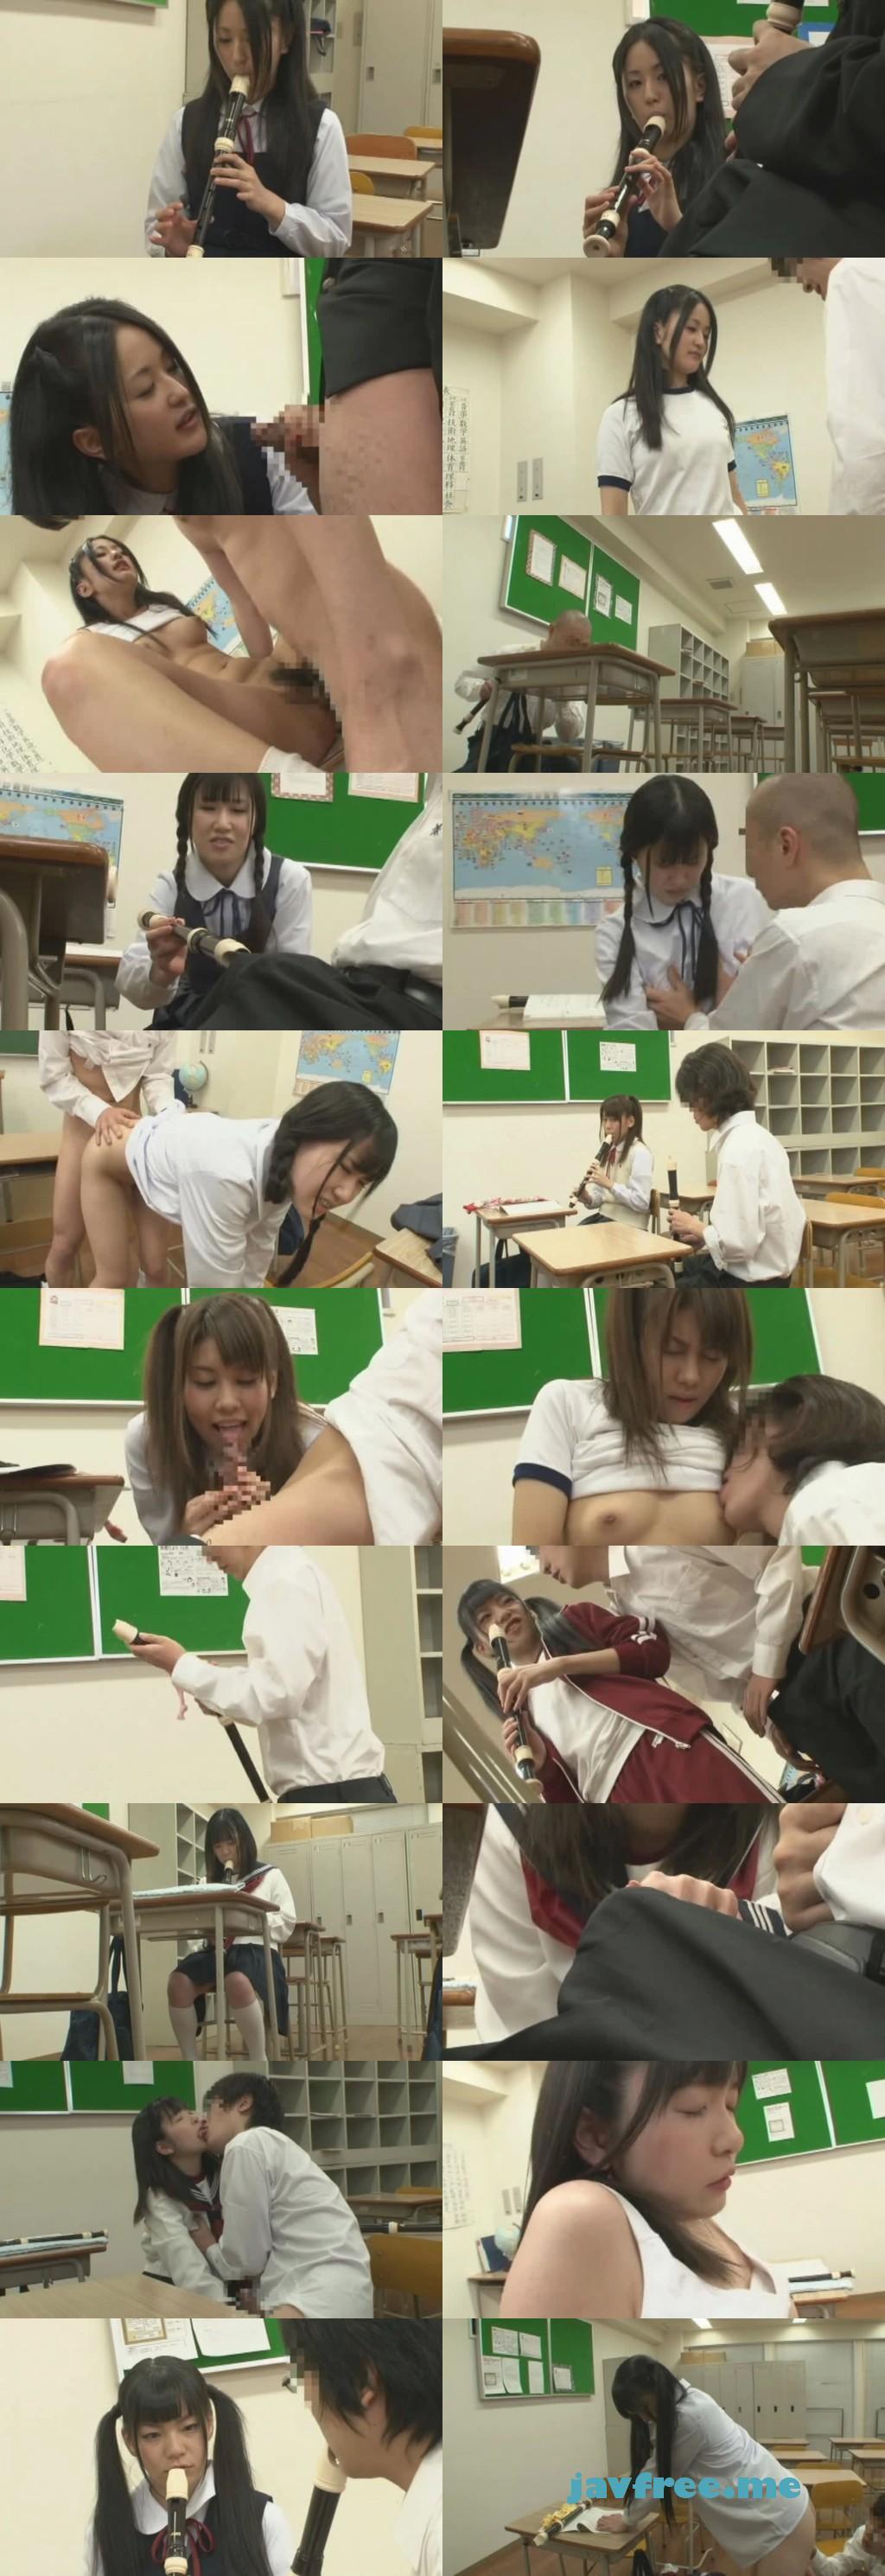 [HUNT-549] 放課後の教室で好きな女子のリコーダーをこっそり僕のリコーダーと交換して[間接キス]を楽しんでいたら、まさかの本人登場!なぜか一緒に練習するハメに…。でもボクが吹いているのは彼女のリコーダー。そして彼女が吹いているのは僕のリコーダー。 - image HUNT549 on https://javfree.me